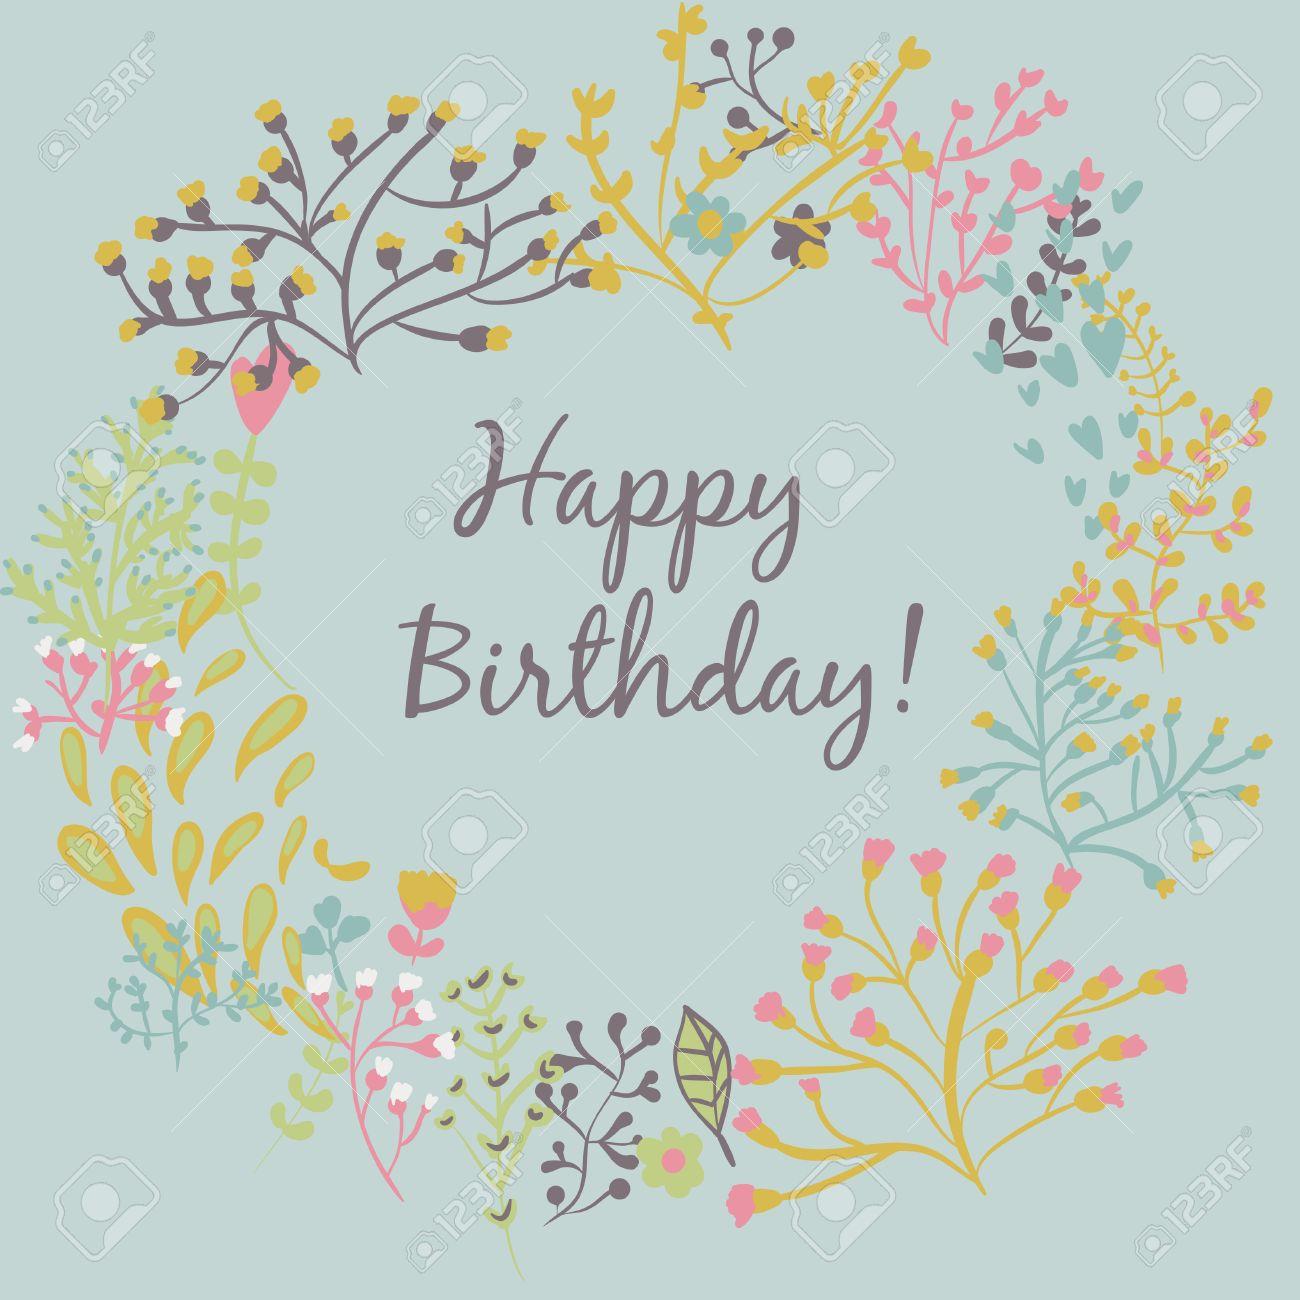 Banque dimages , joyeux anniversaire carte de voeux. cadre cercle floral avec des fleurs de dessin animé mignon